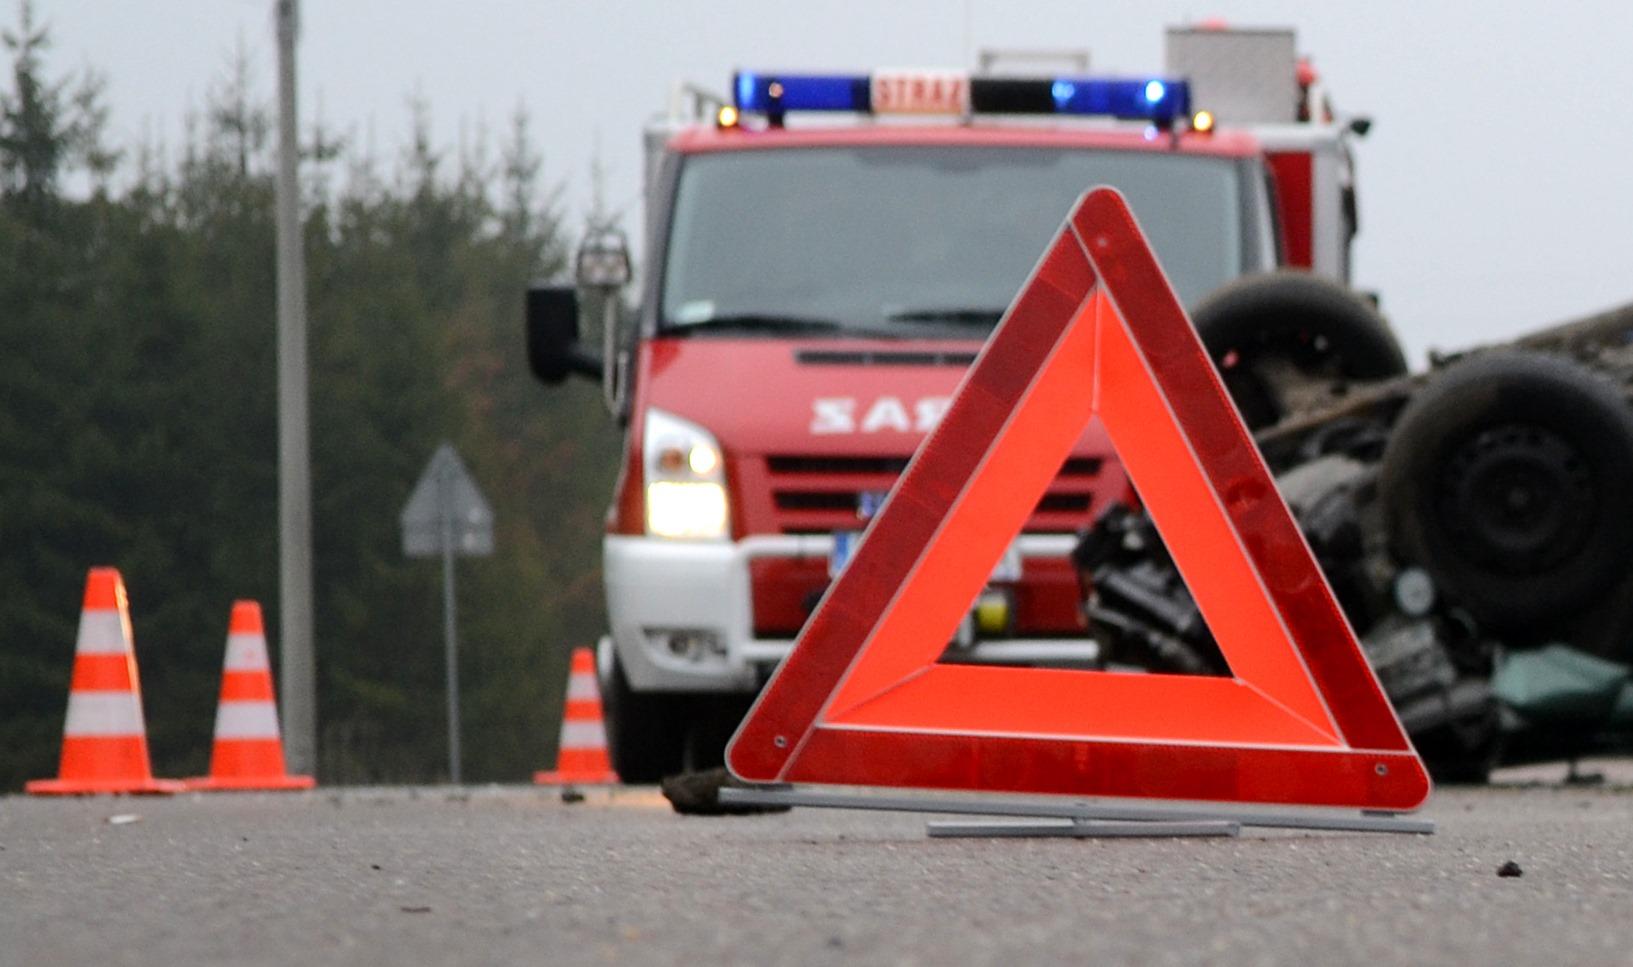 Śmierć na drodze. 25-latek zginął pod kołami samochodu - Zdjęcie główne